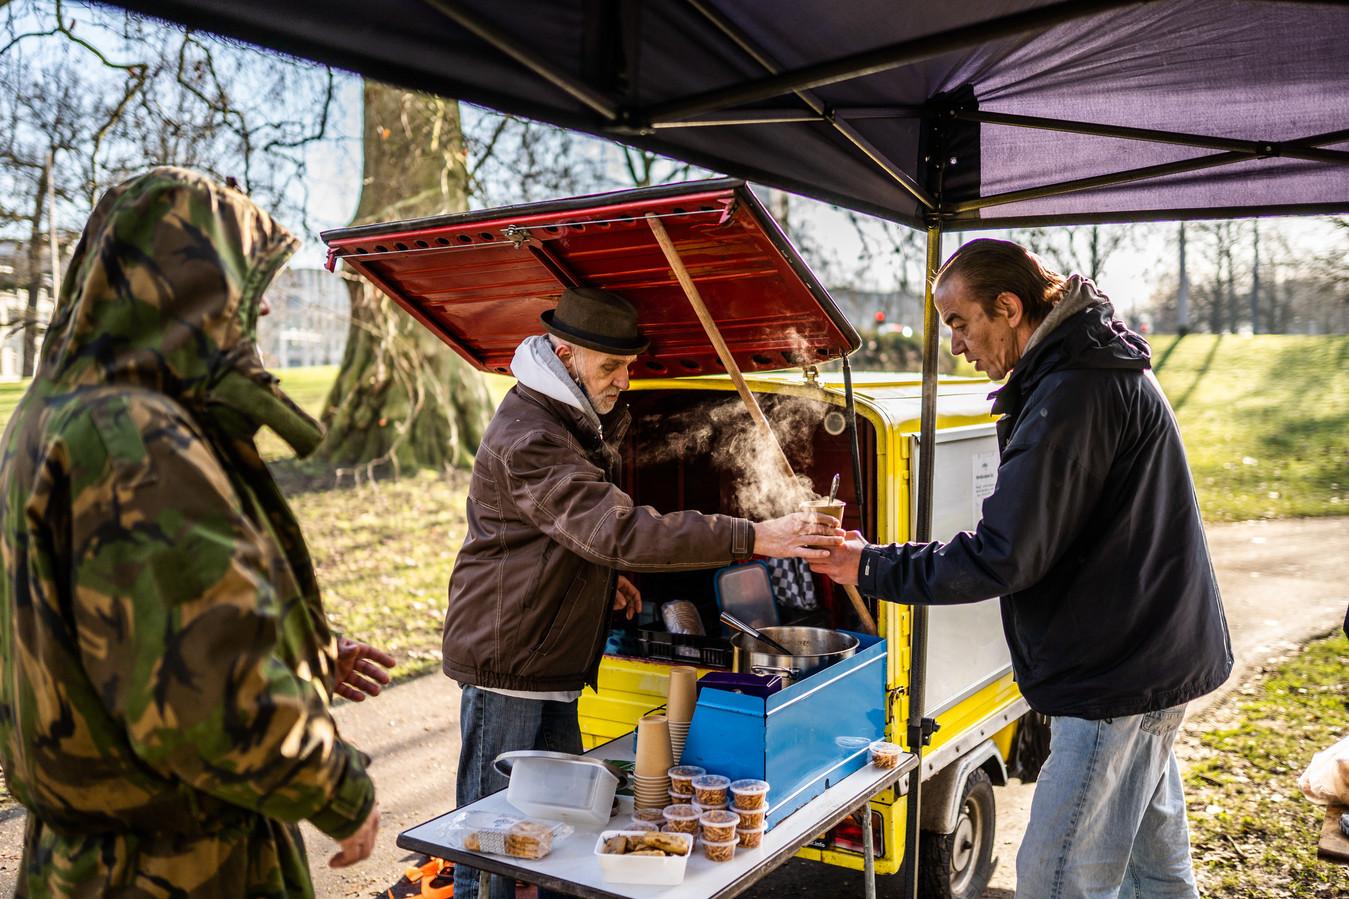 Leo de Waal staat elke zondag met zijn soepkar in het Musispark. Hij wil graag een plek hebben waar hij dak- en thuislozen de hele week op kan vangen.